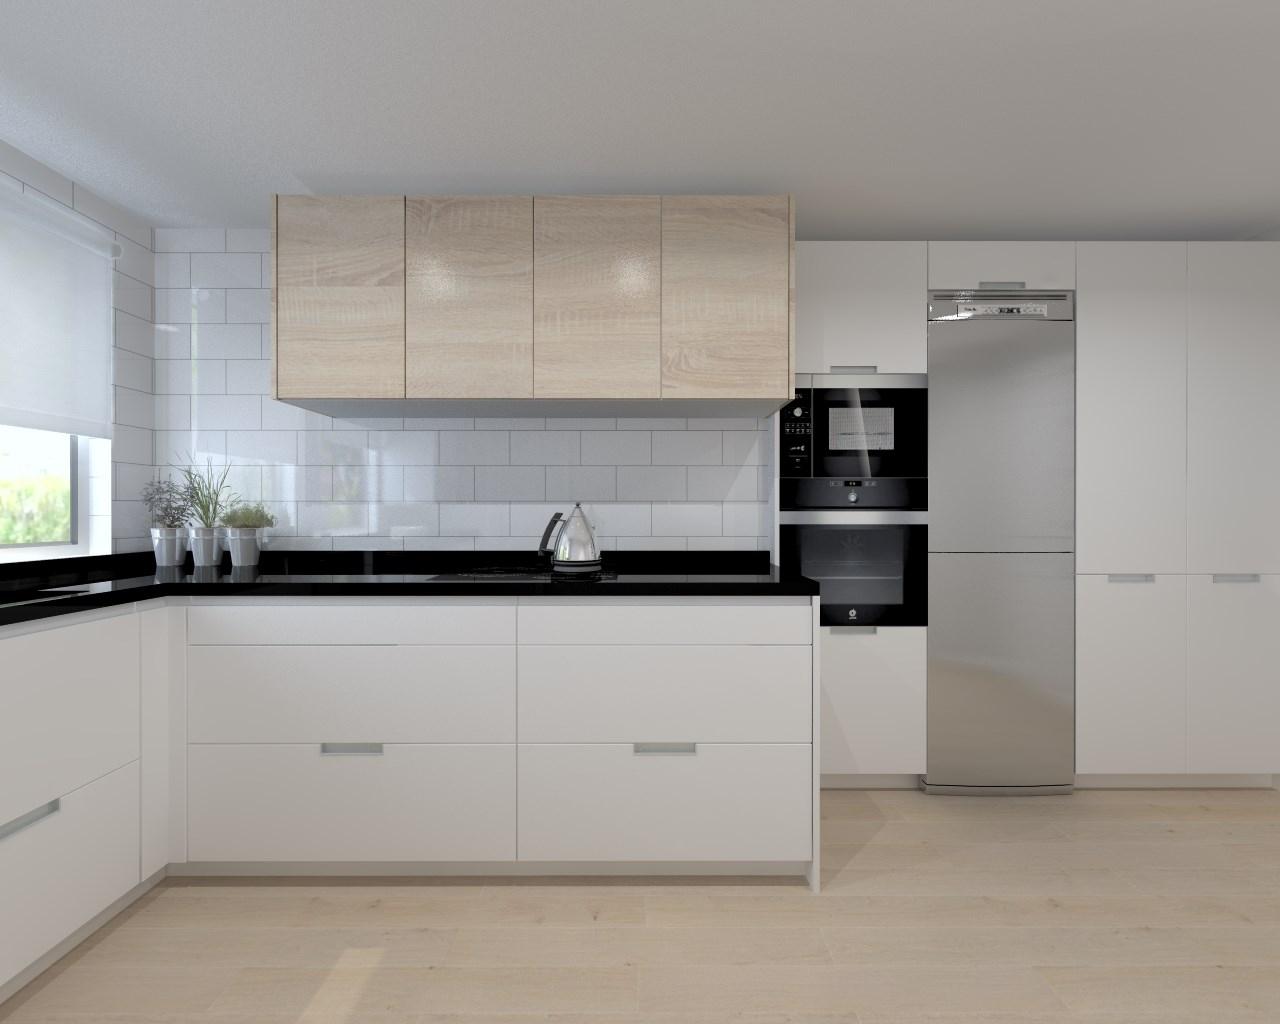 Aravaca cocina santos modelo line estratificado blanco for Cocina blanca encimera granito negra